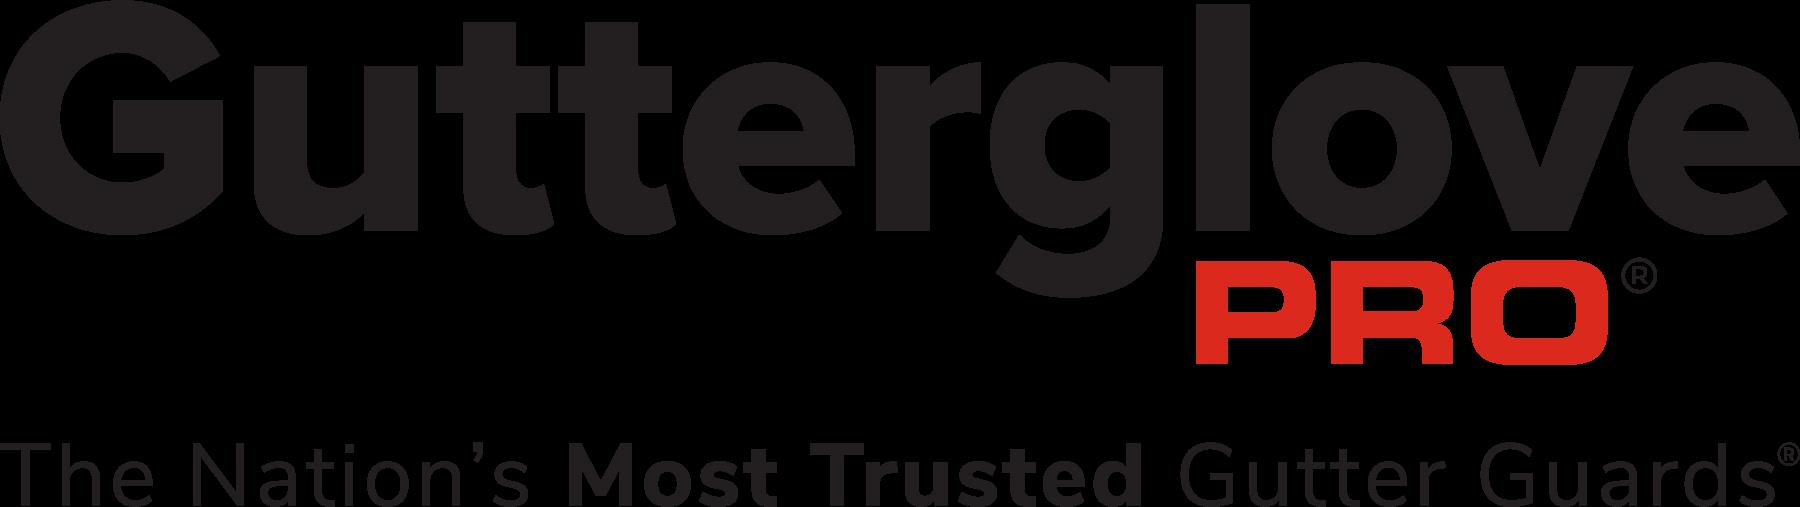 Gutterglove Pro Logo